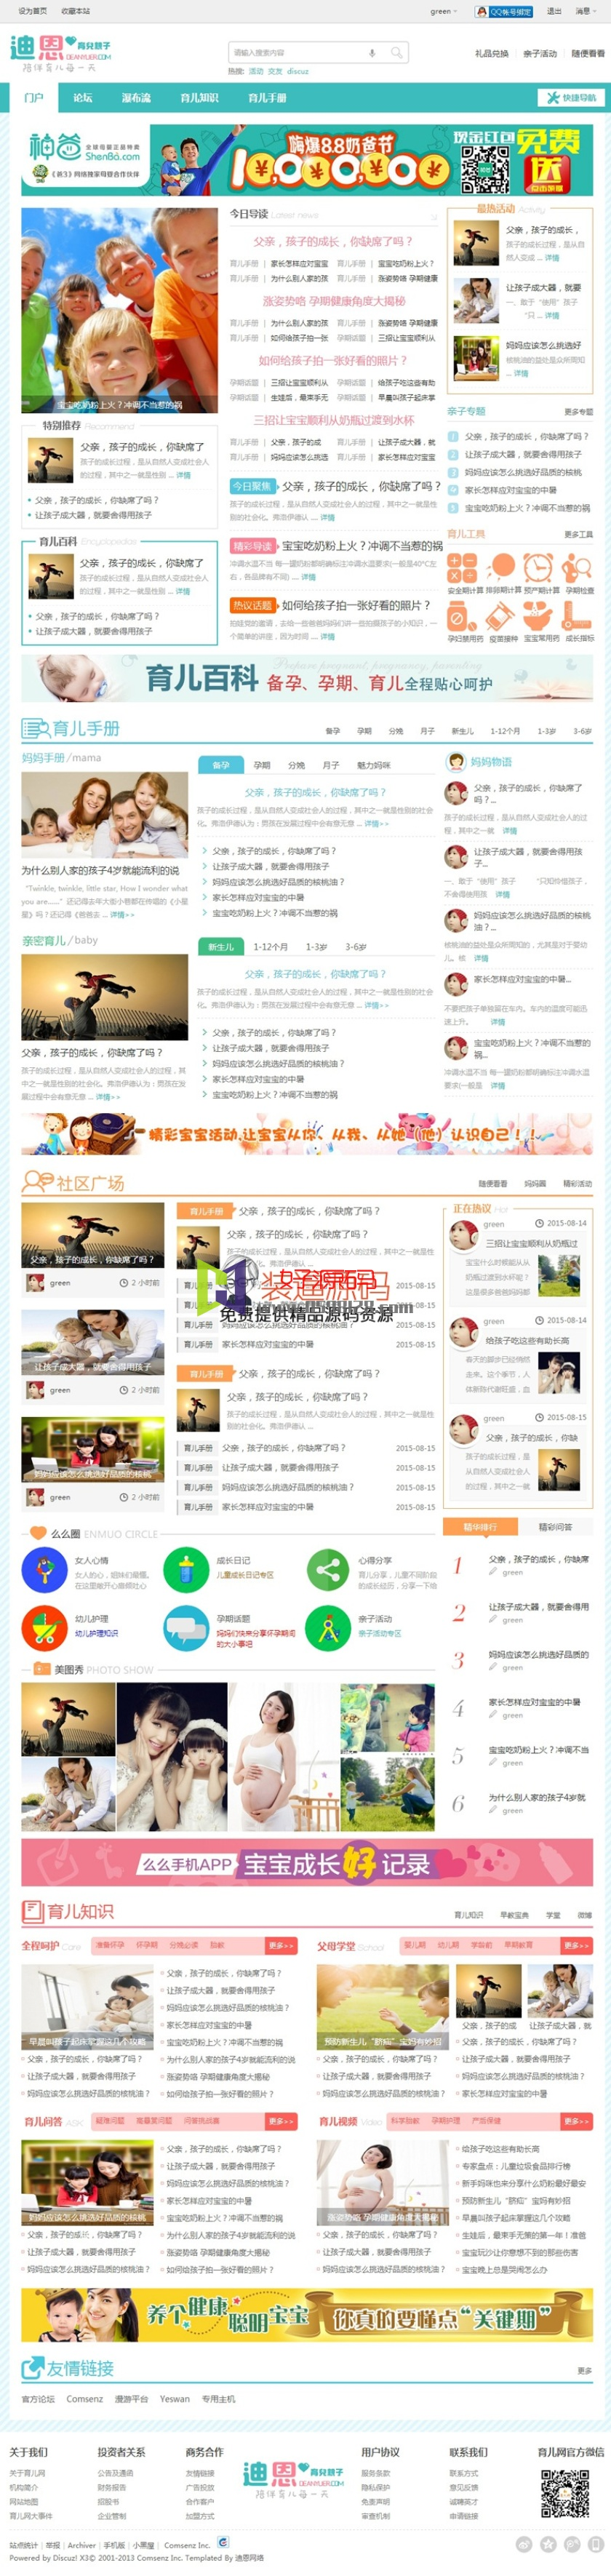 【免费下载】最新精品母婴商城社区DZ商业版模板|PHP整站带后台+WAP手机版亲子母婴社区模板